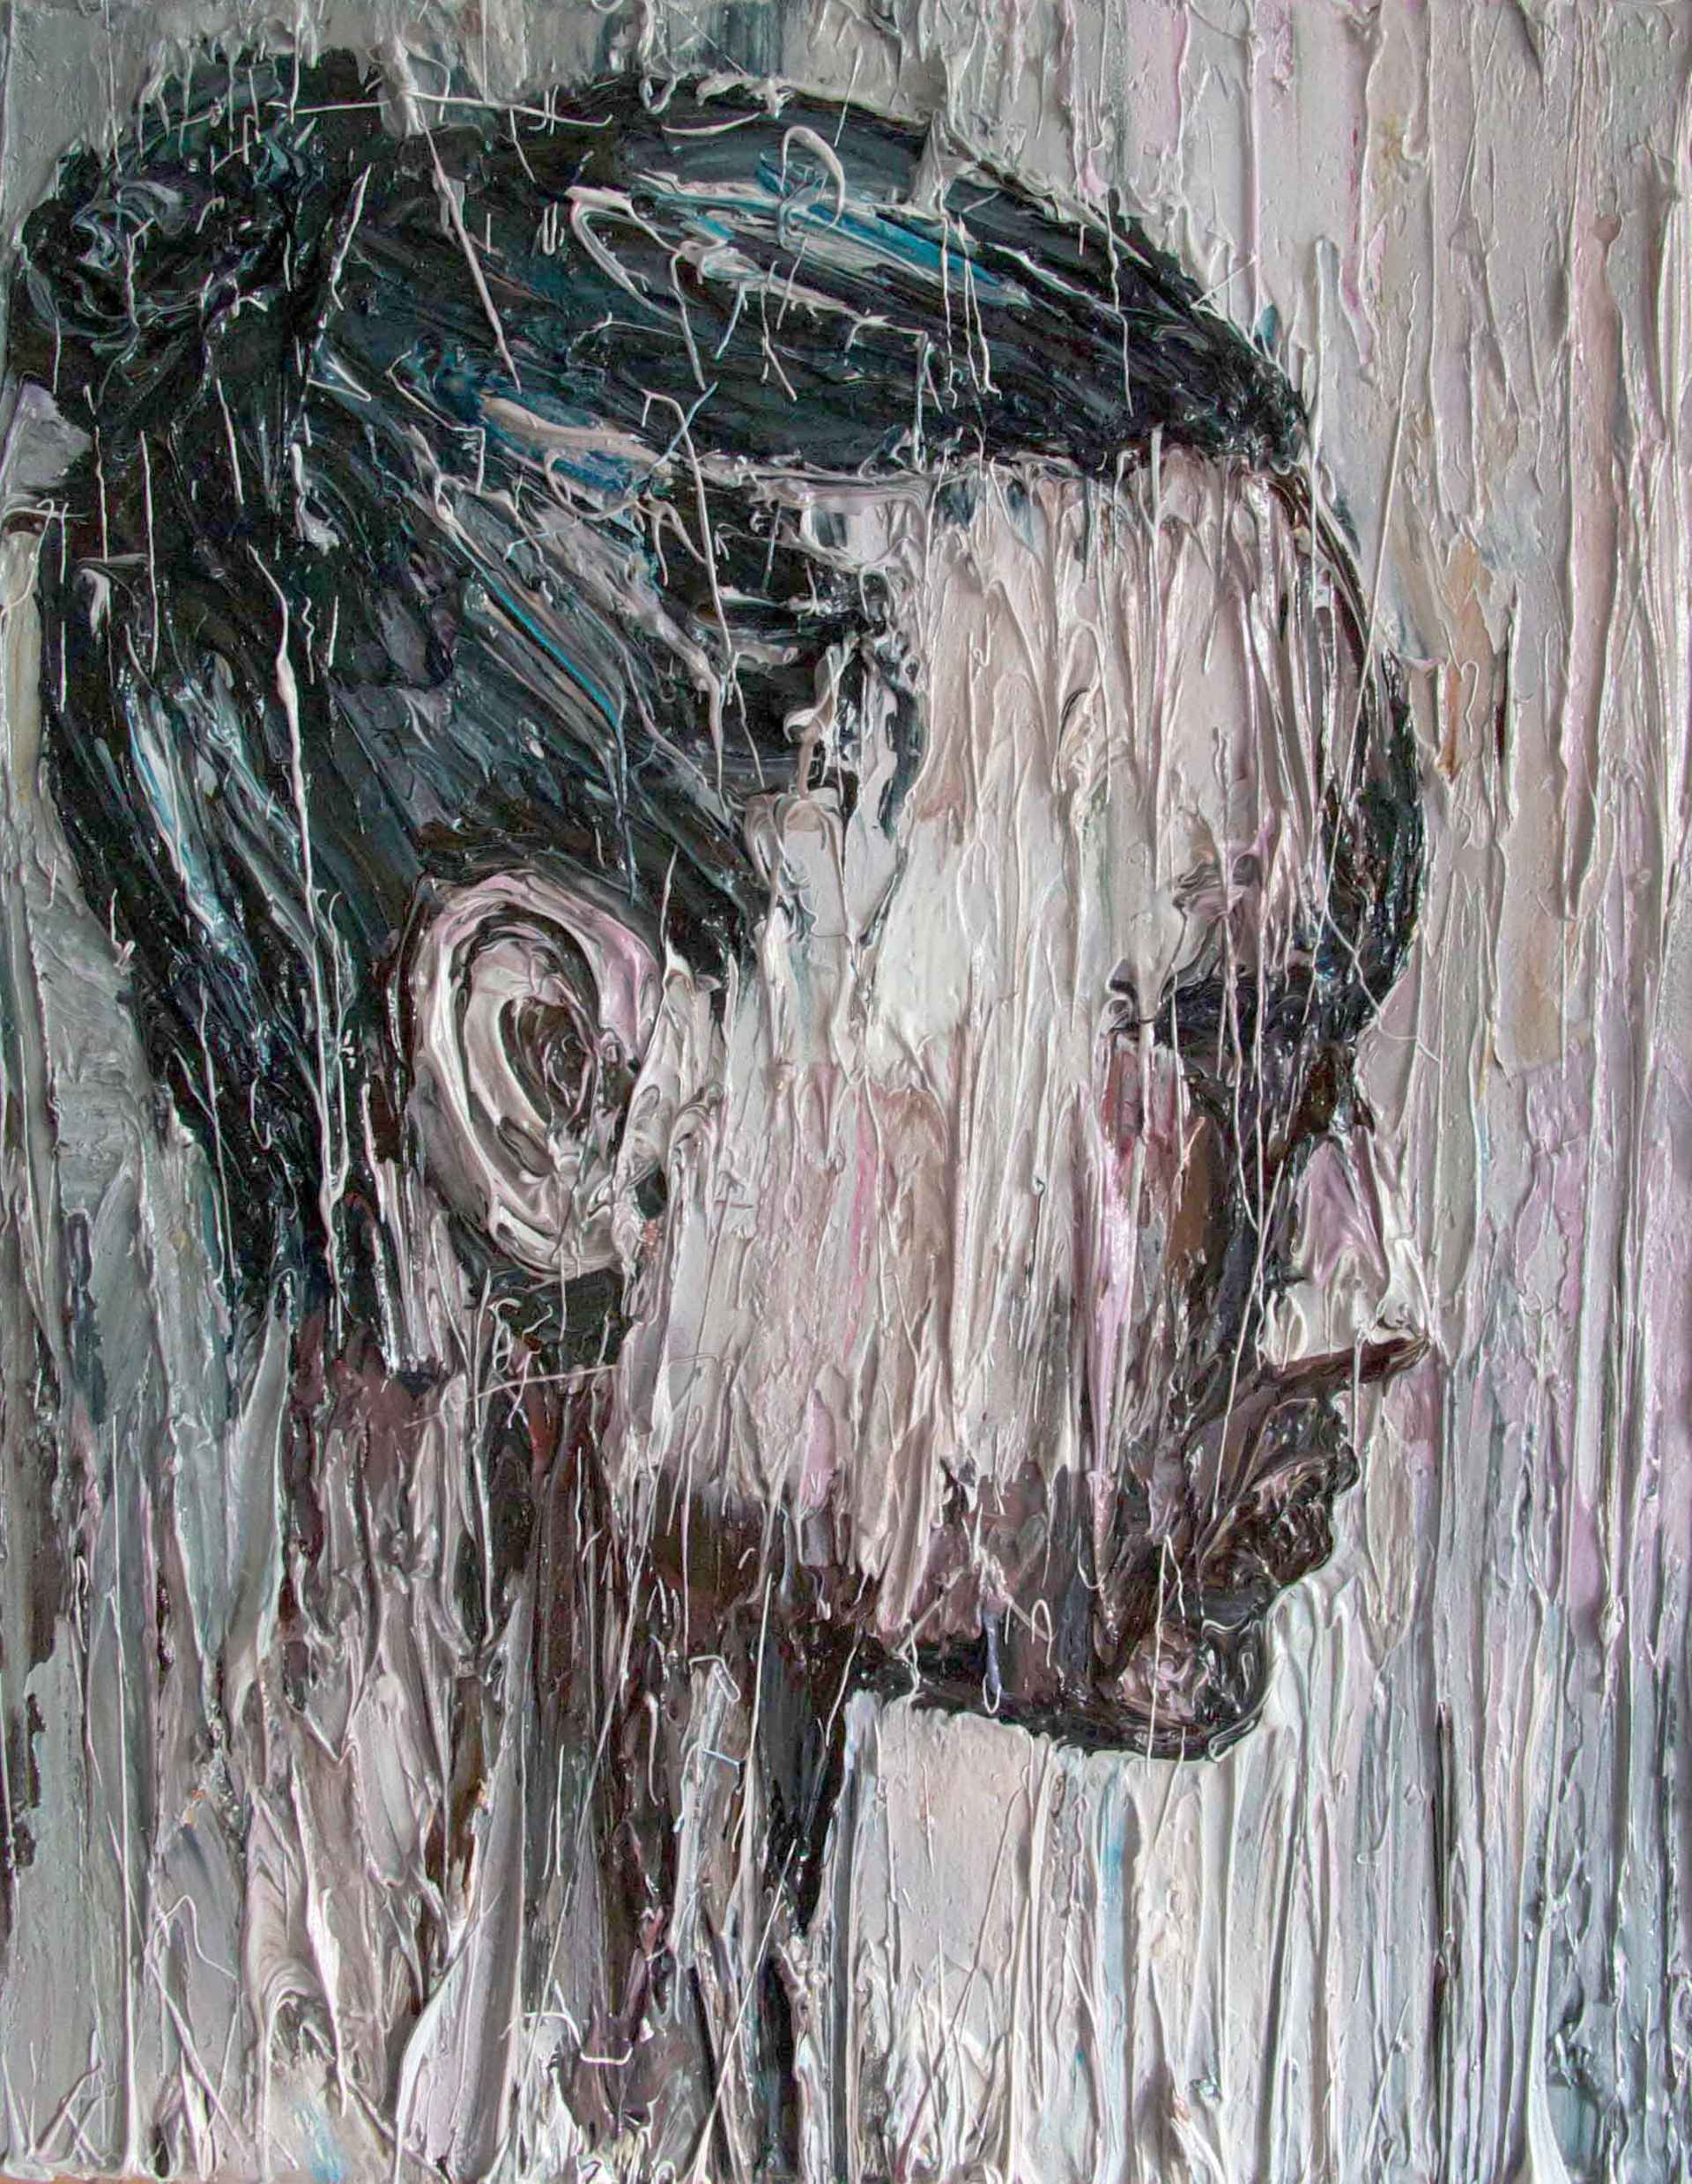 Gioventu by Carl Melegari